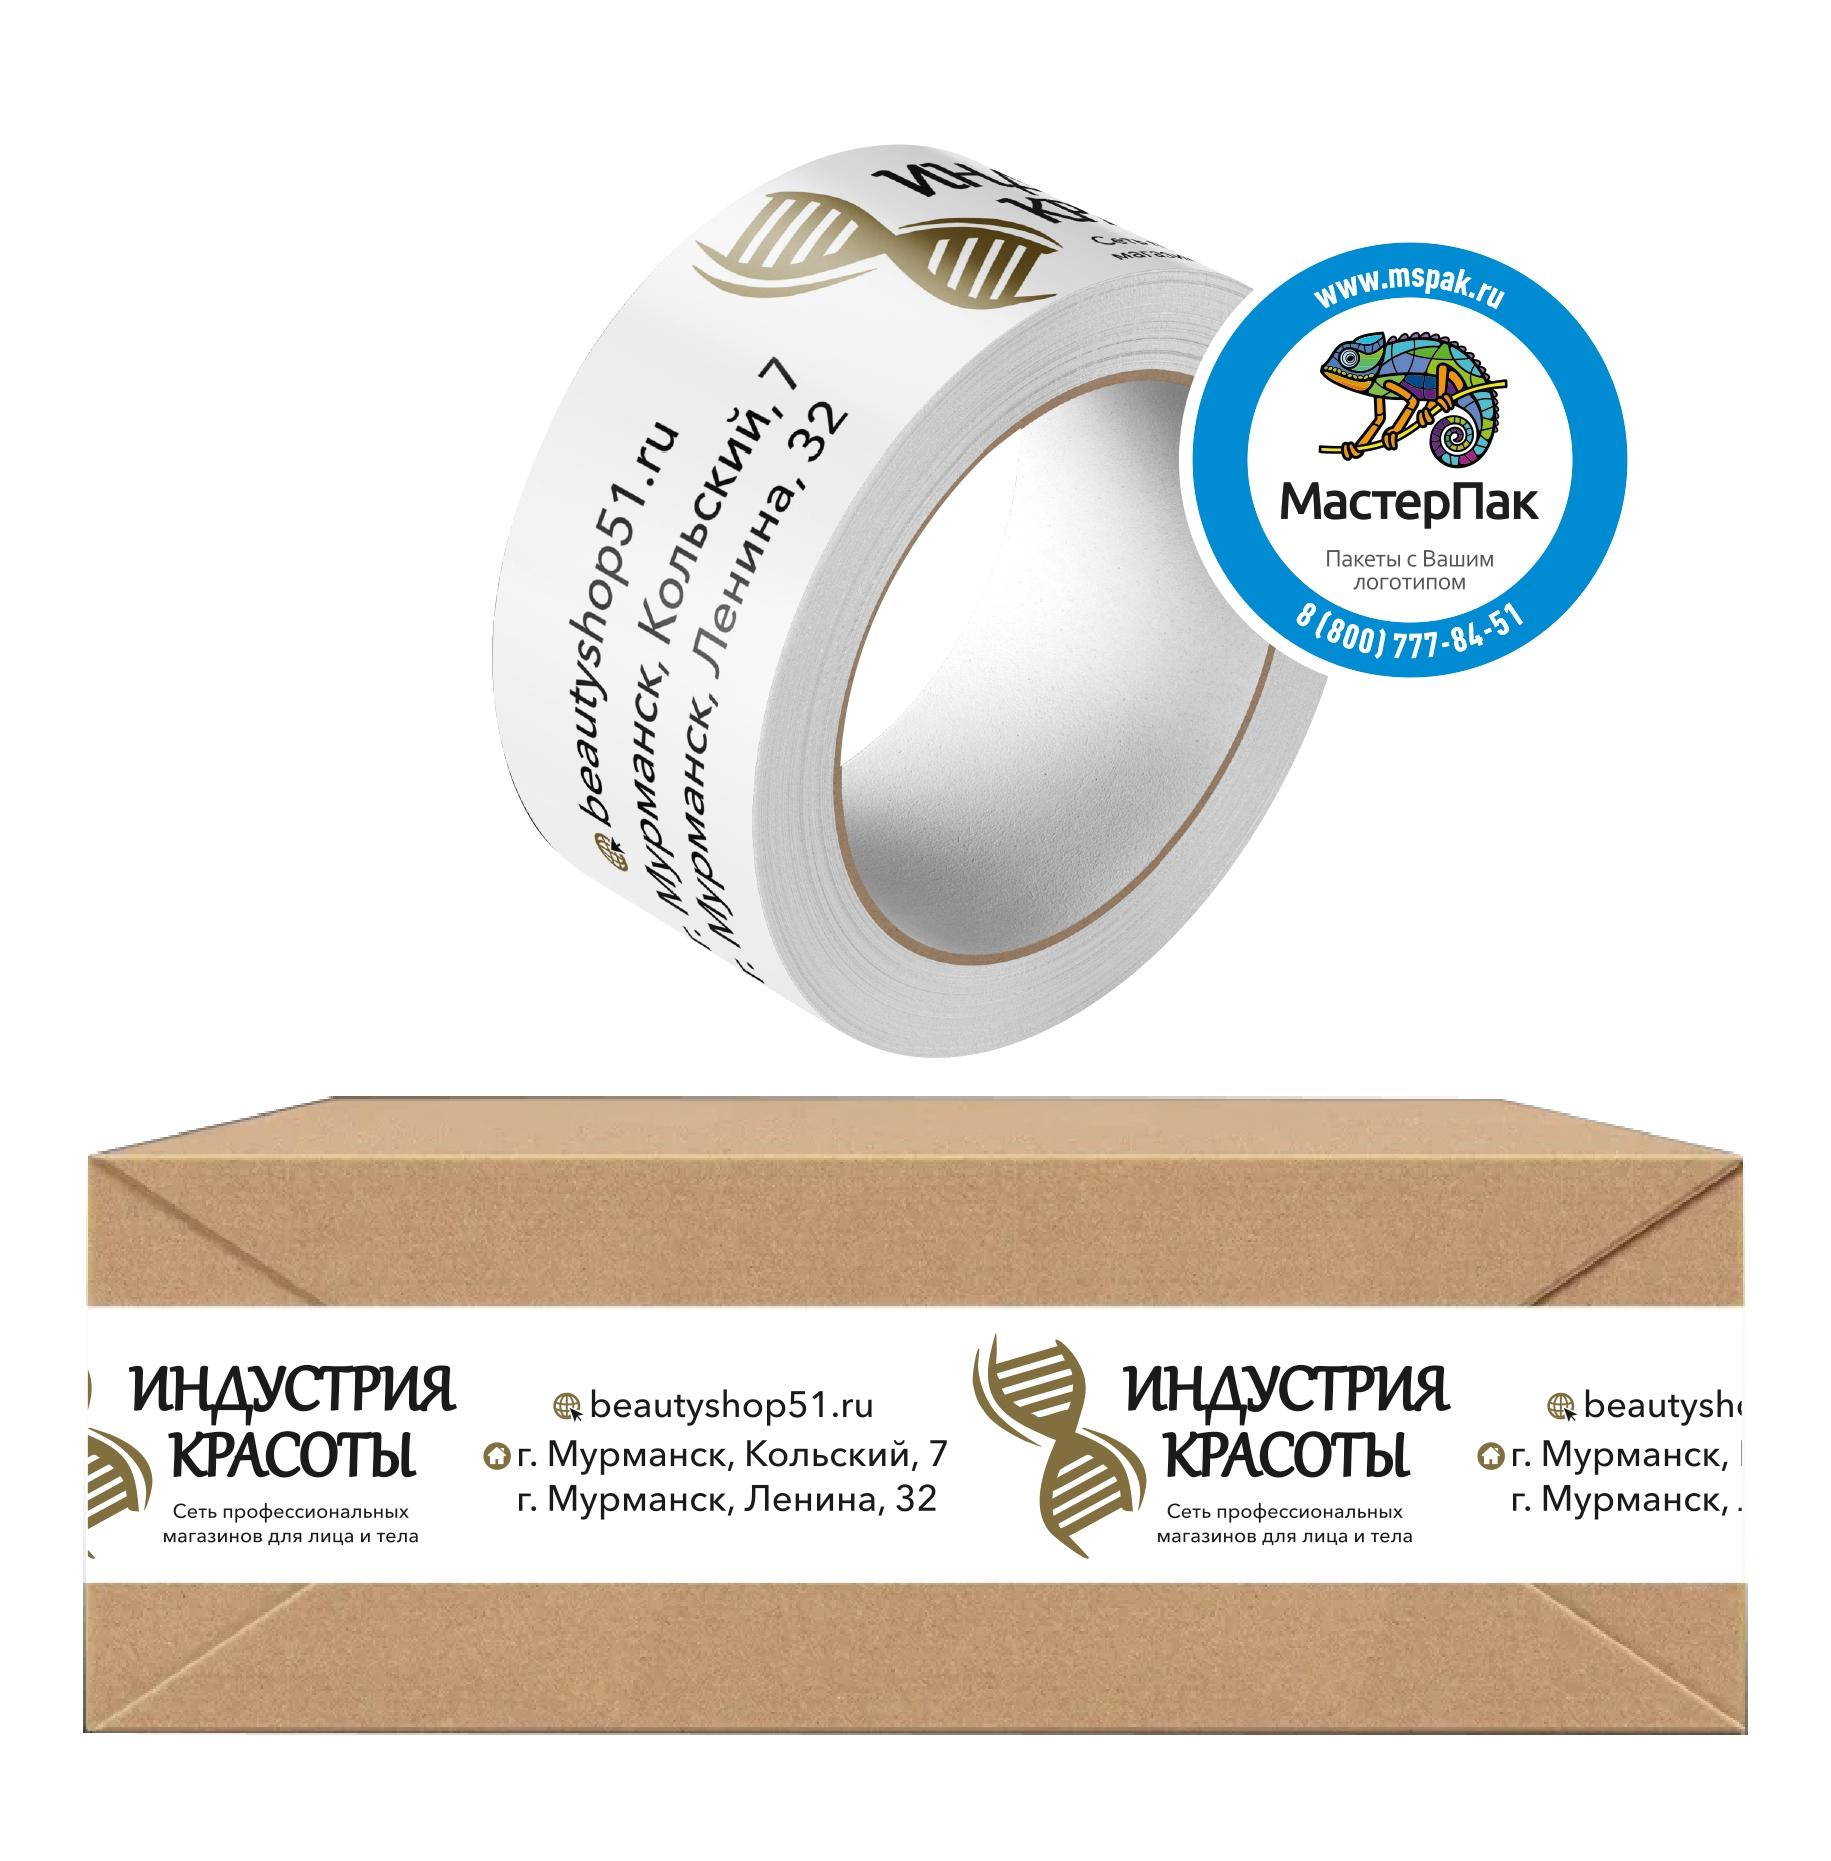 Скотч с логотипомИндустрия Красоты, 63 метра, 45 мкм, Мурманск